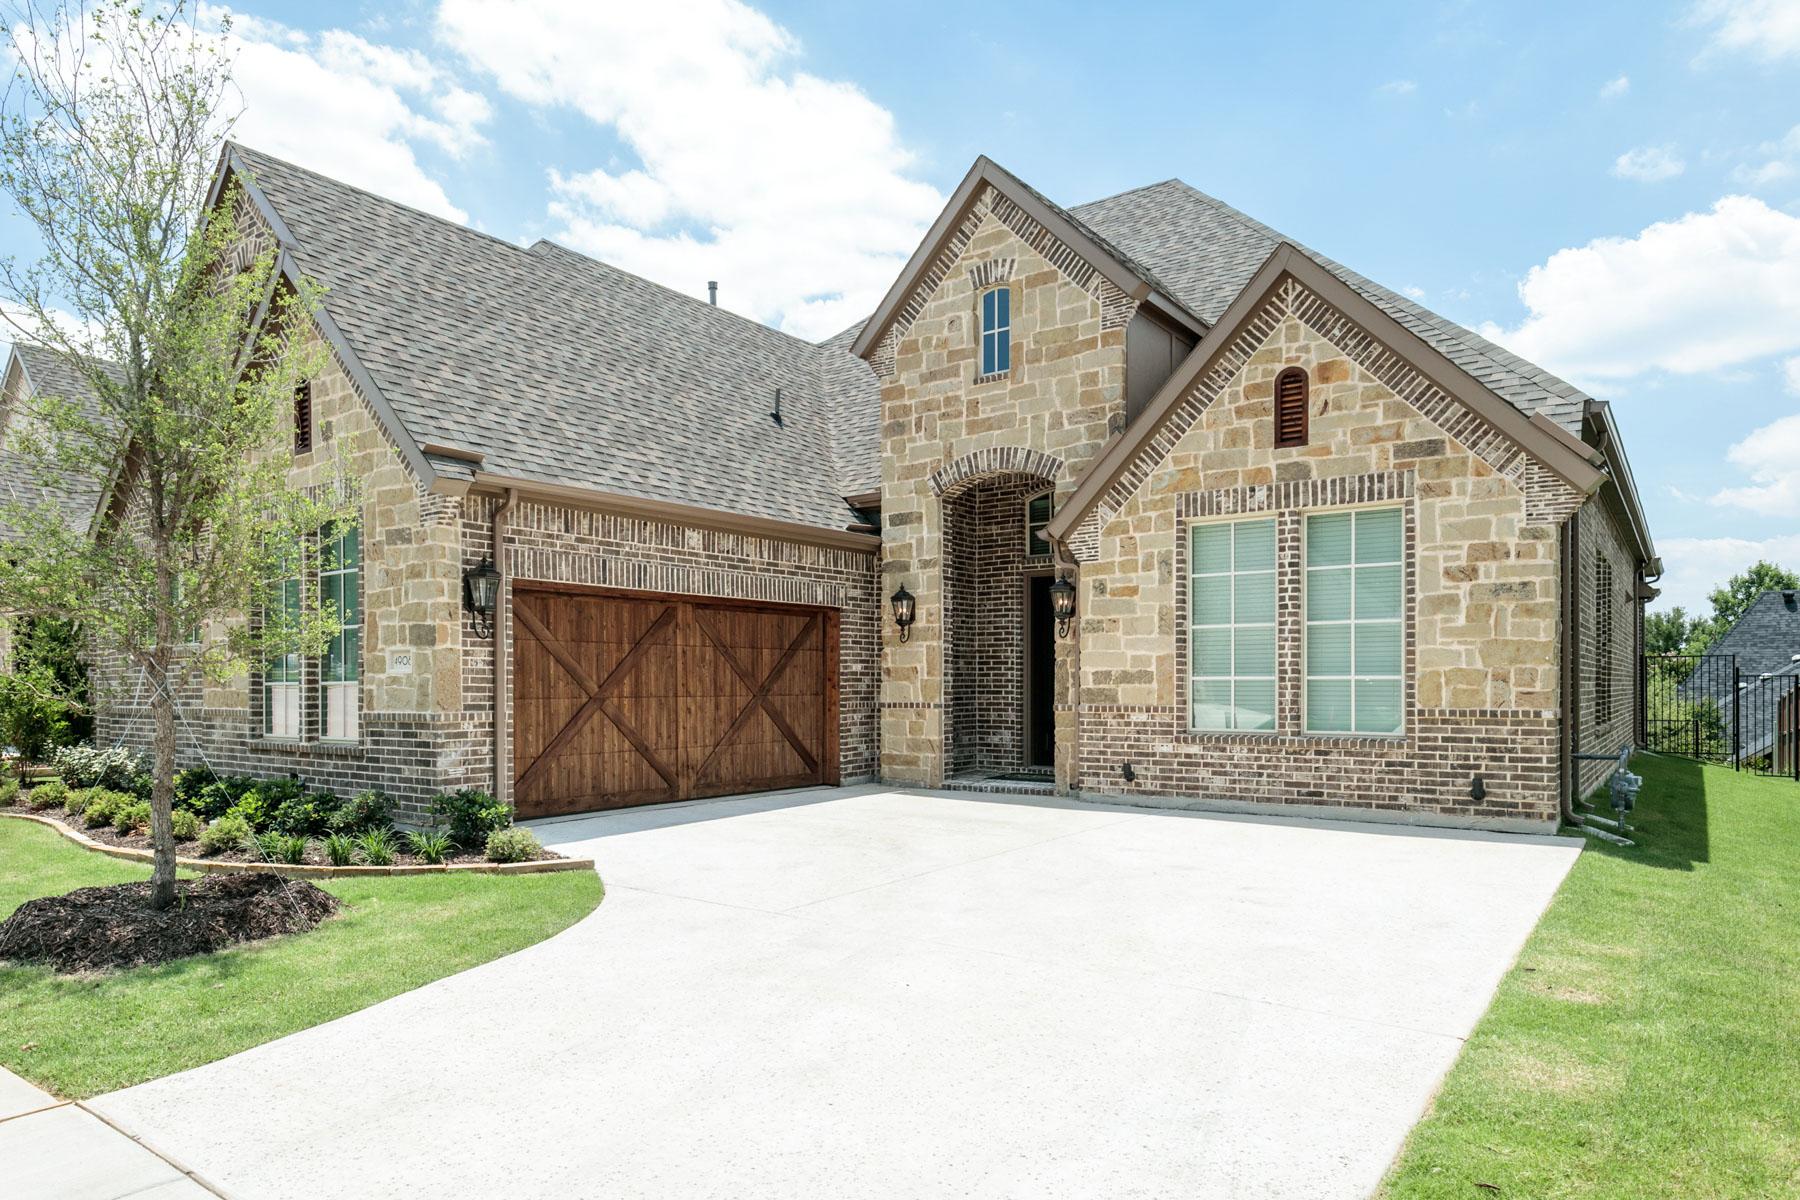 Частный односемейный дом для того Продажа на One Story New Construction 4908 Preservation Ave Colleyville, Техас, 76034 Соединенные Штаты